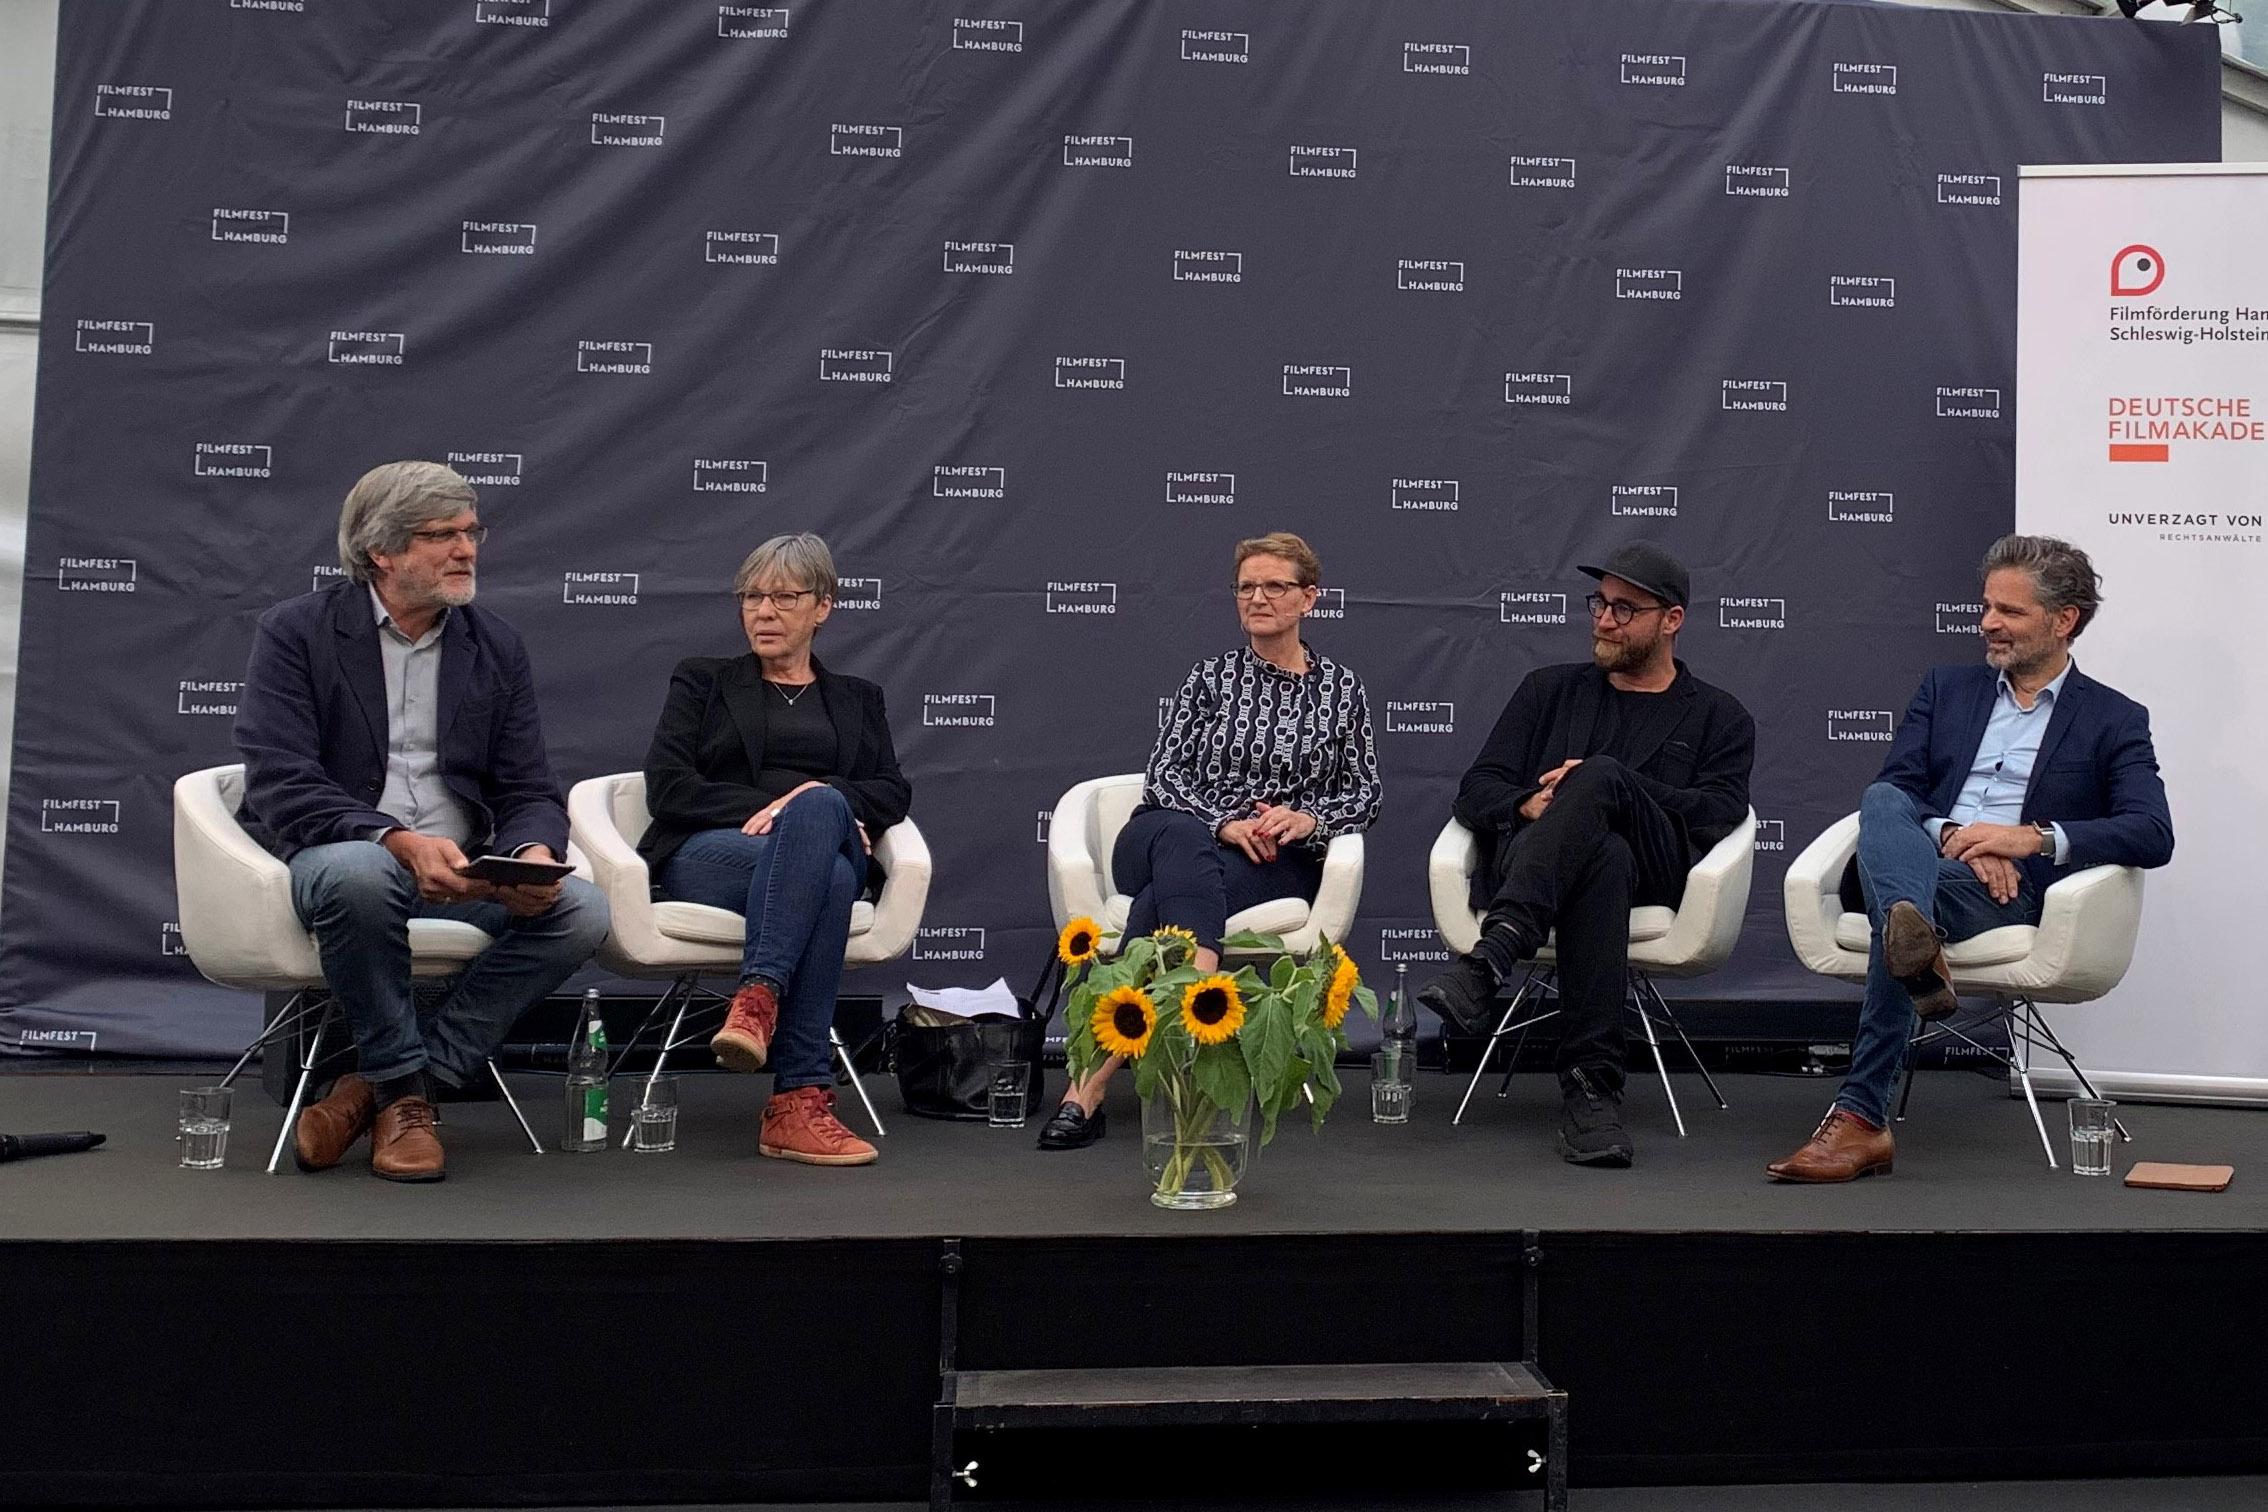 Die Diskussionsteilnehmer*innen Christine Berg, Carsten Horn, Jan Krüger und Ruth Rogée auf der Bühne.